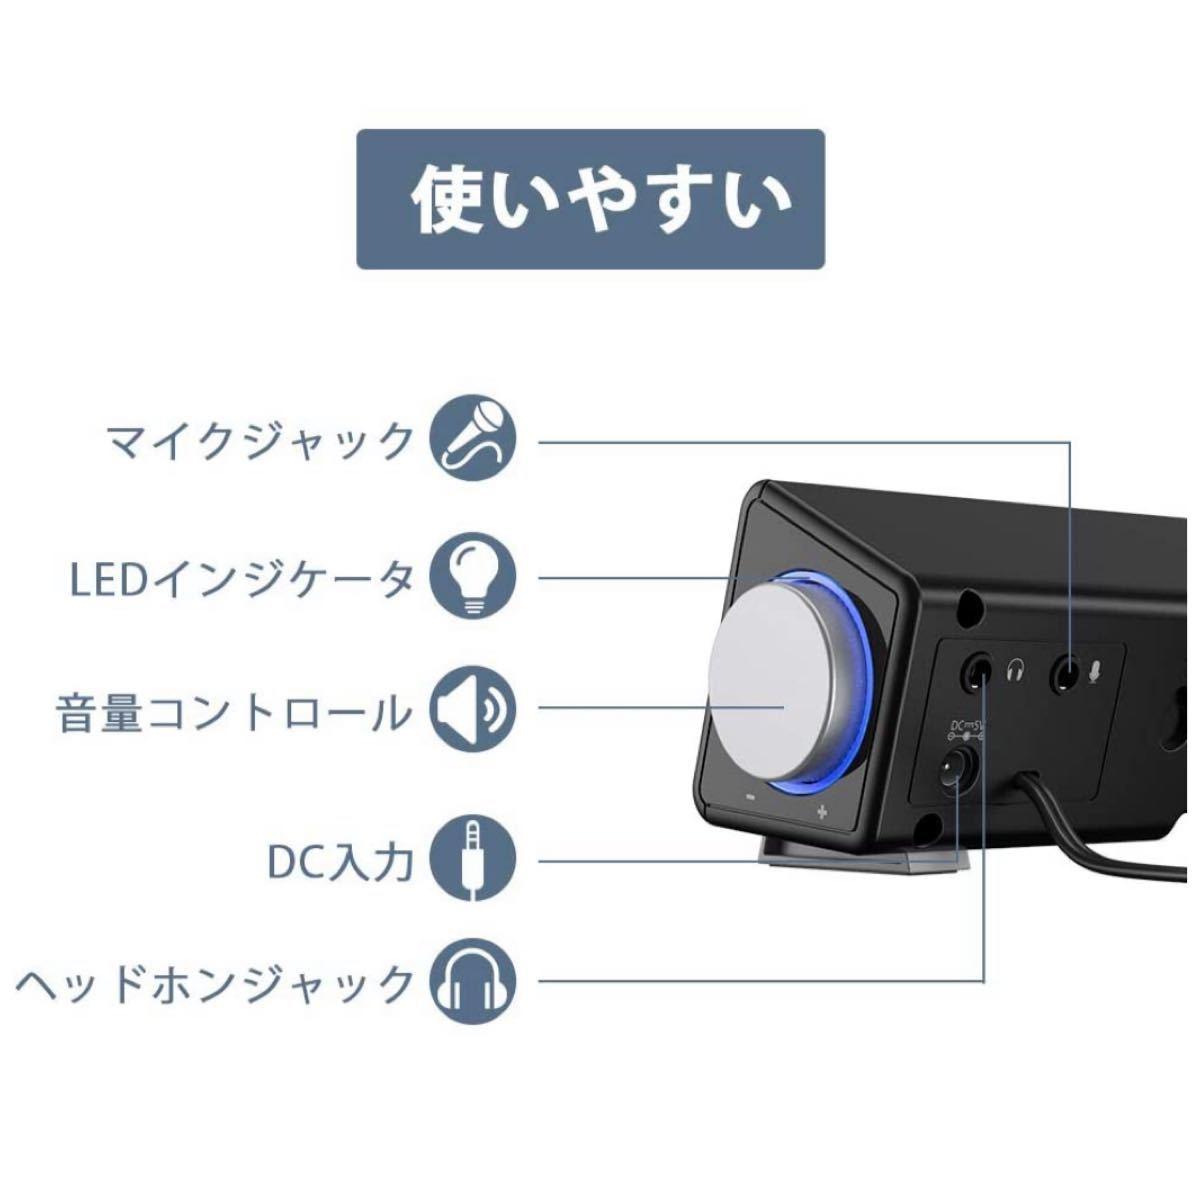 スピーカー pc サウンドバー 小型 ホームシアター 大音量 高音質